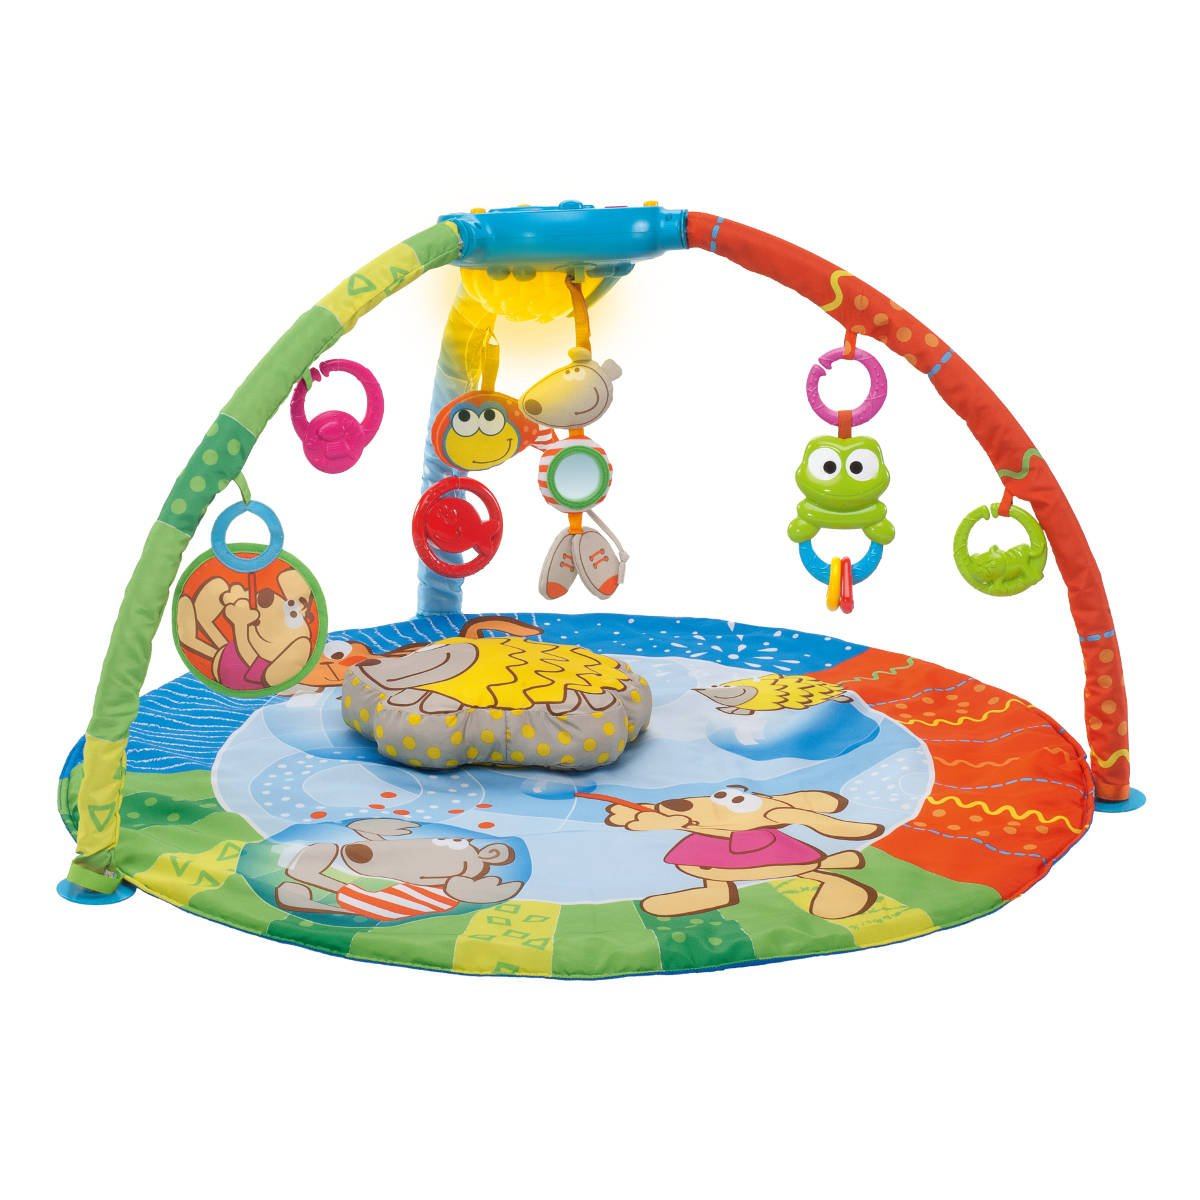 [amazon.fr] Tappeto Bubble Gym Chicco 69028 per 48,87€